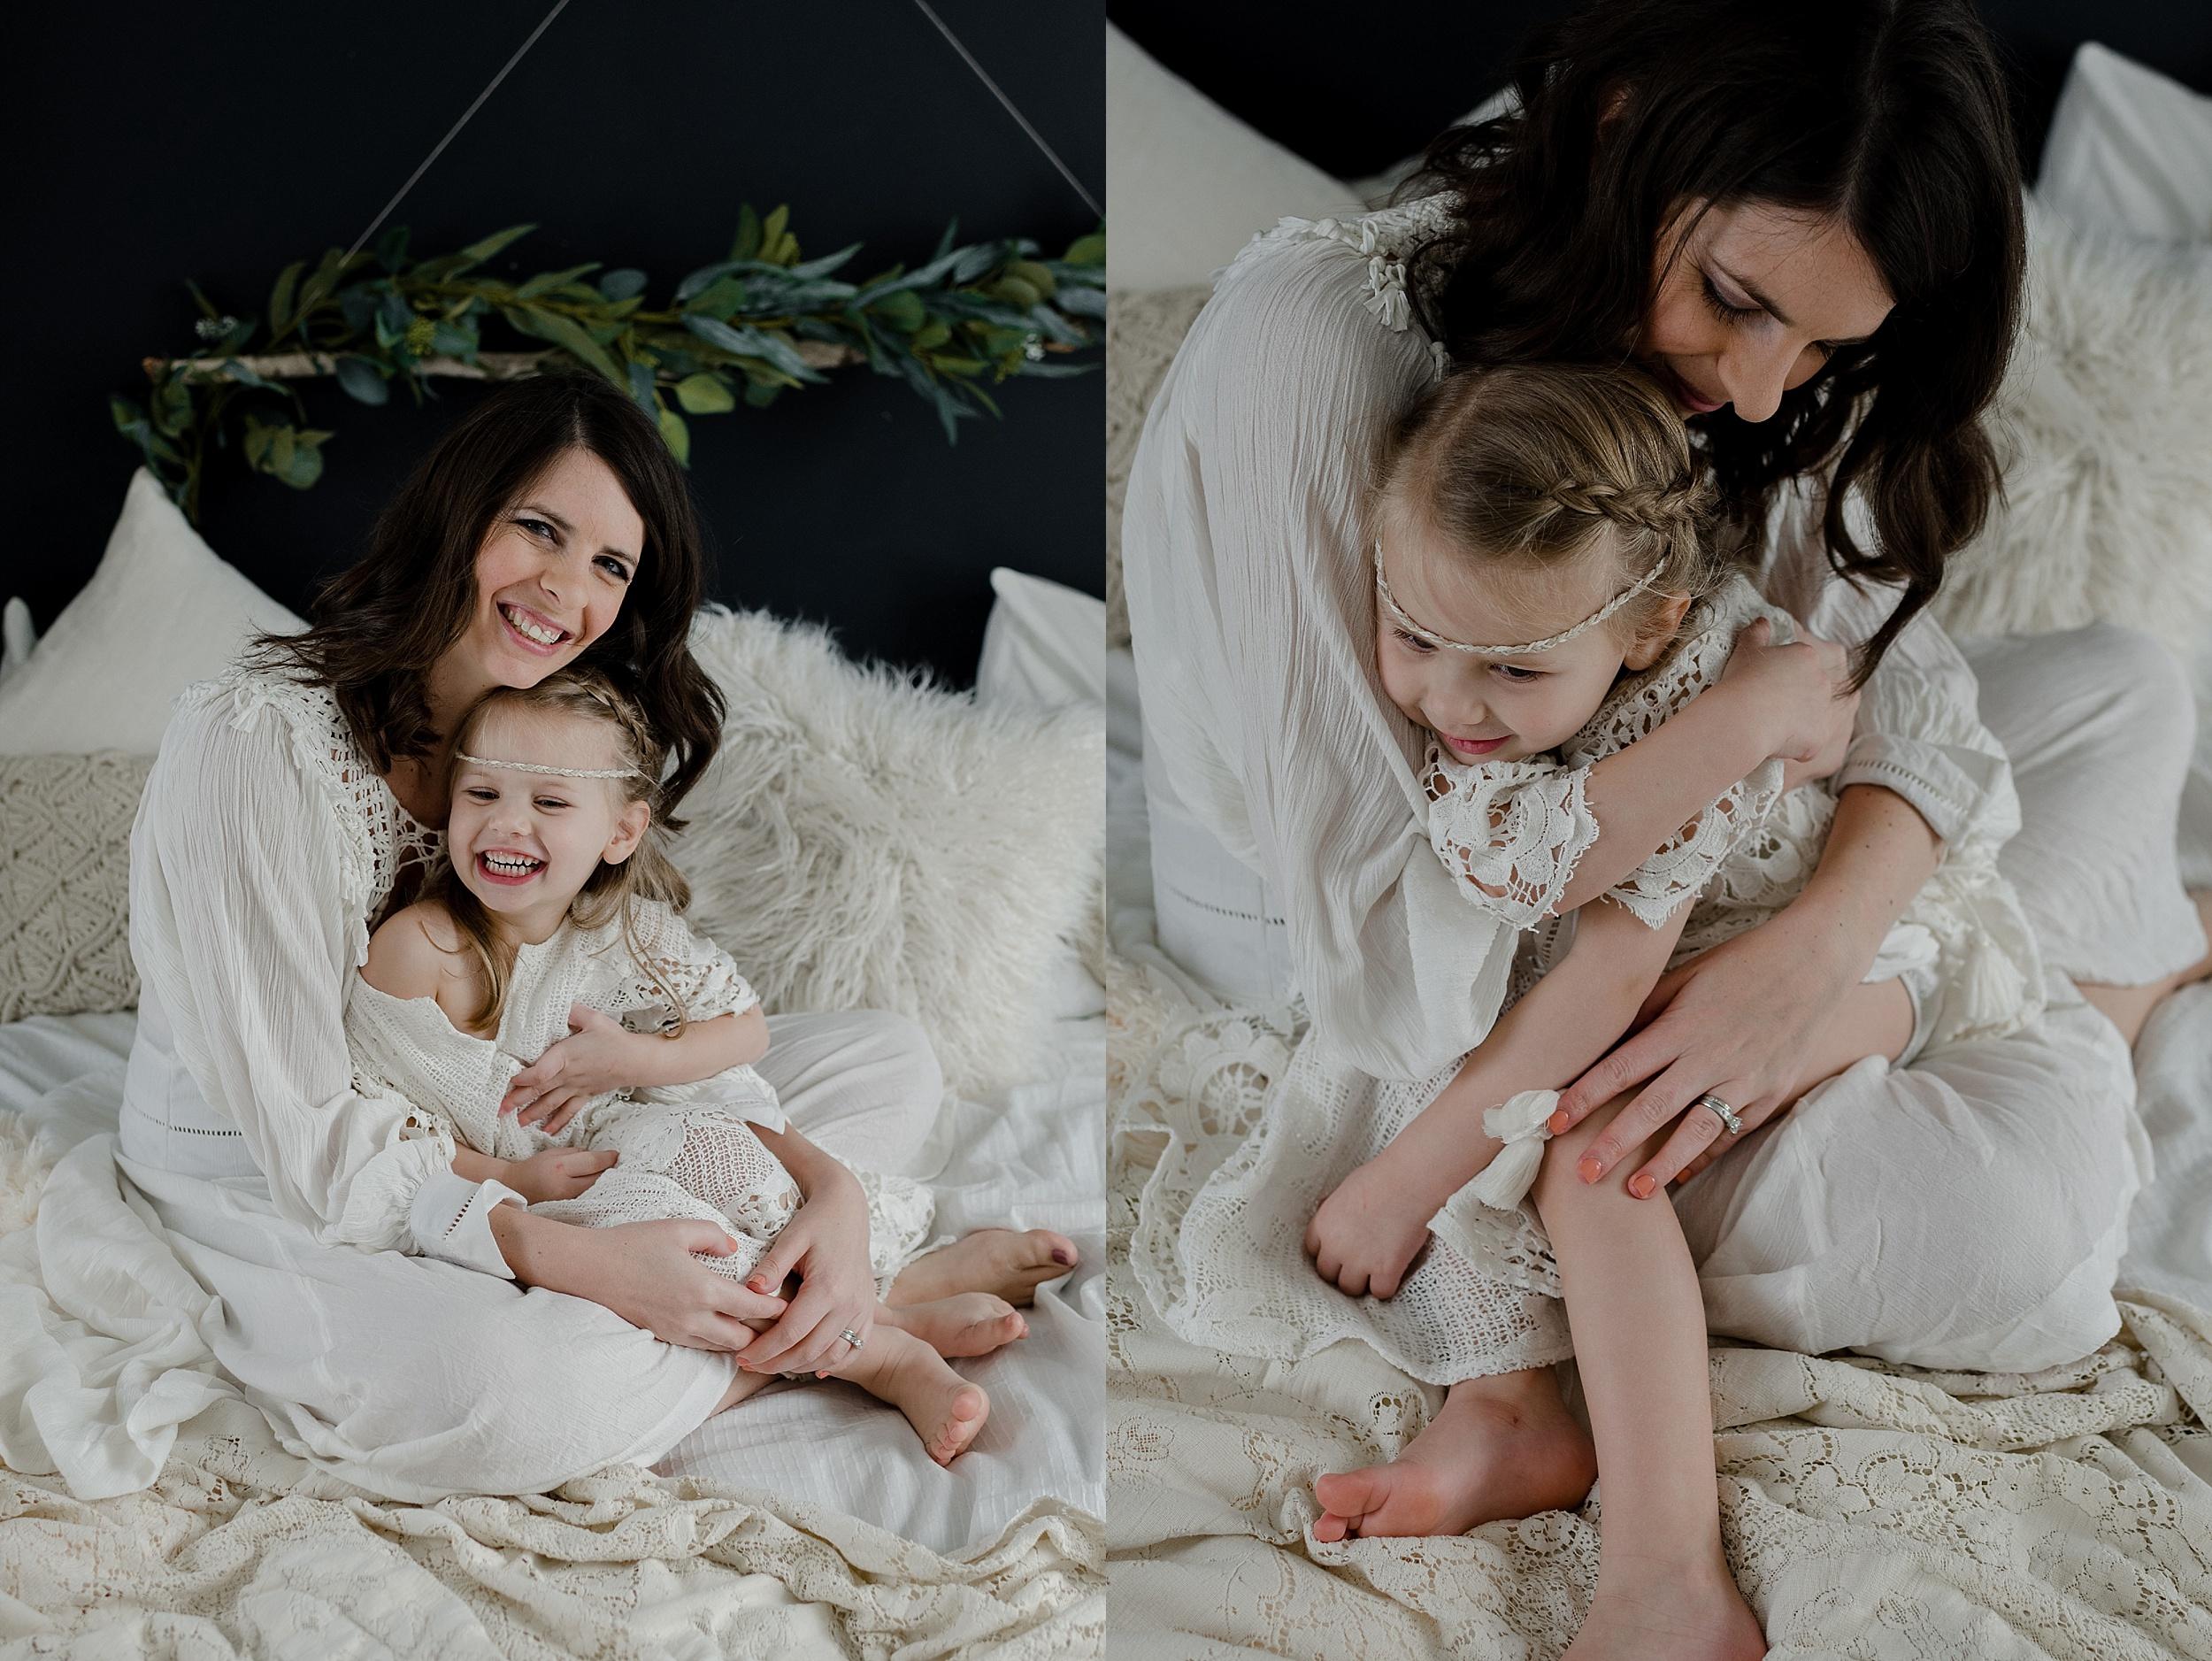 lauren-grayson-photography-portrait-artist-akron-cleveland-ohio-photographer-growth-comparison-breakout-clickin-moms_0149.jpg